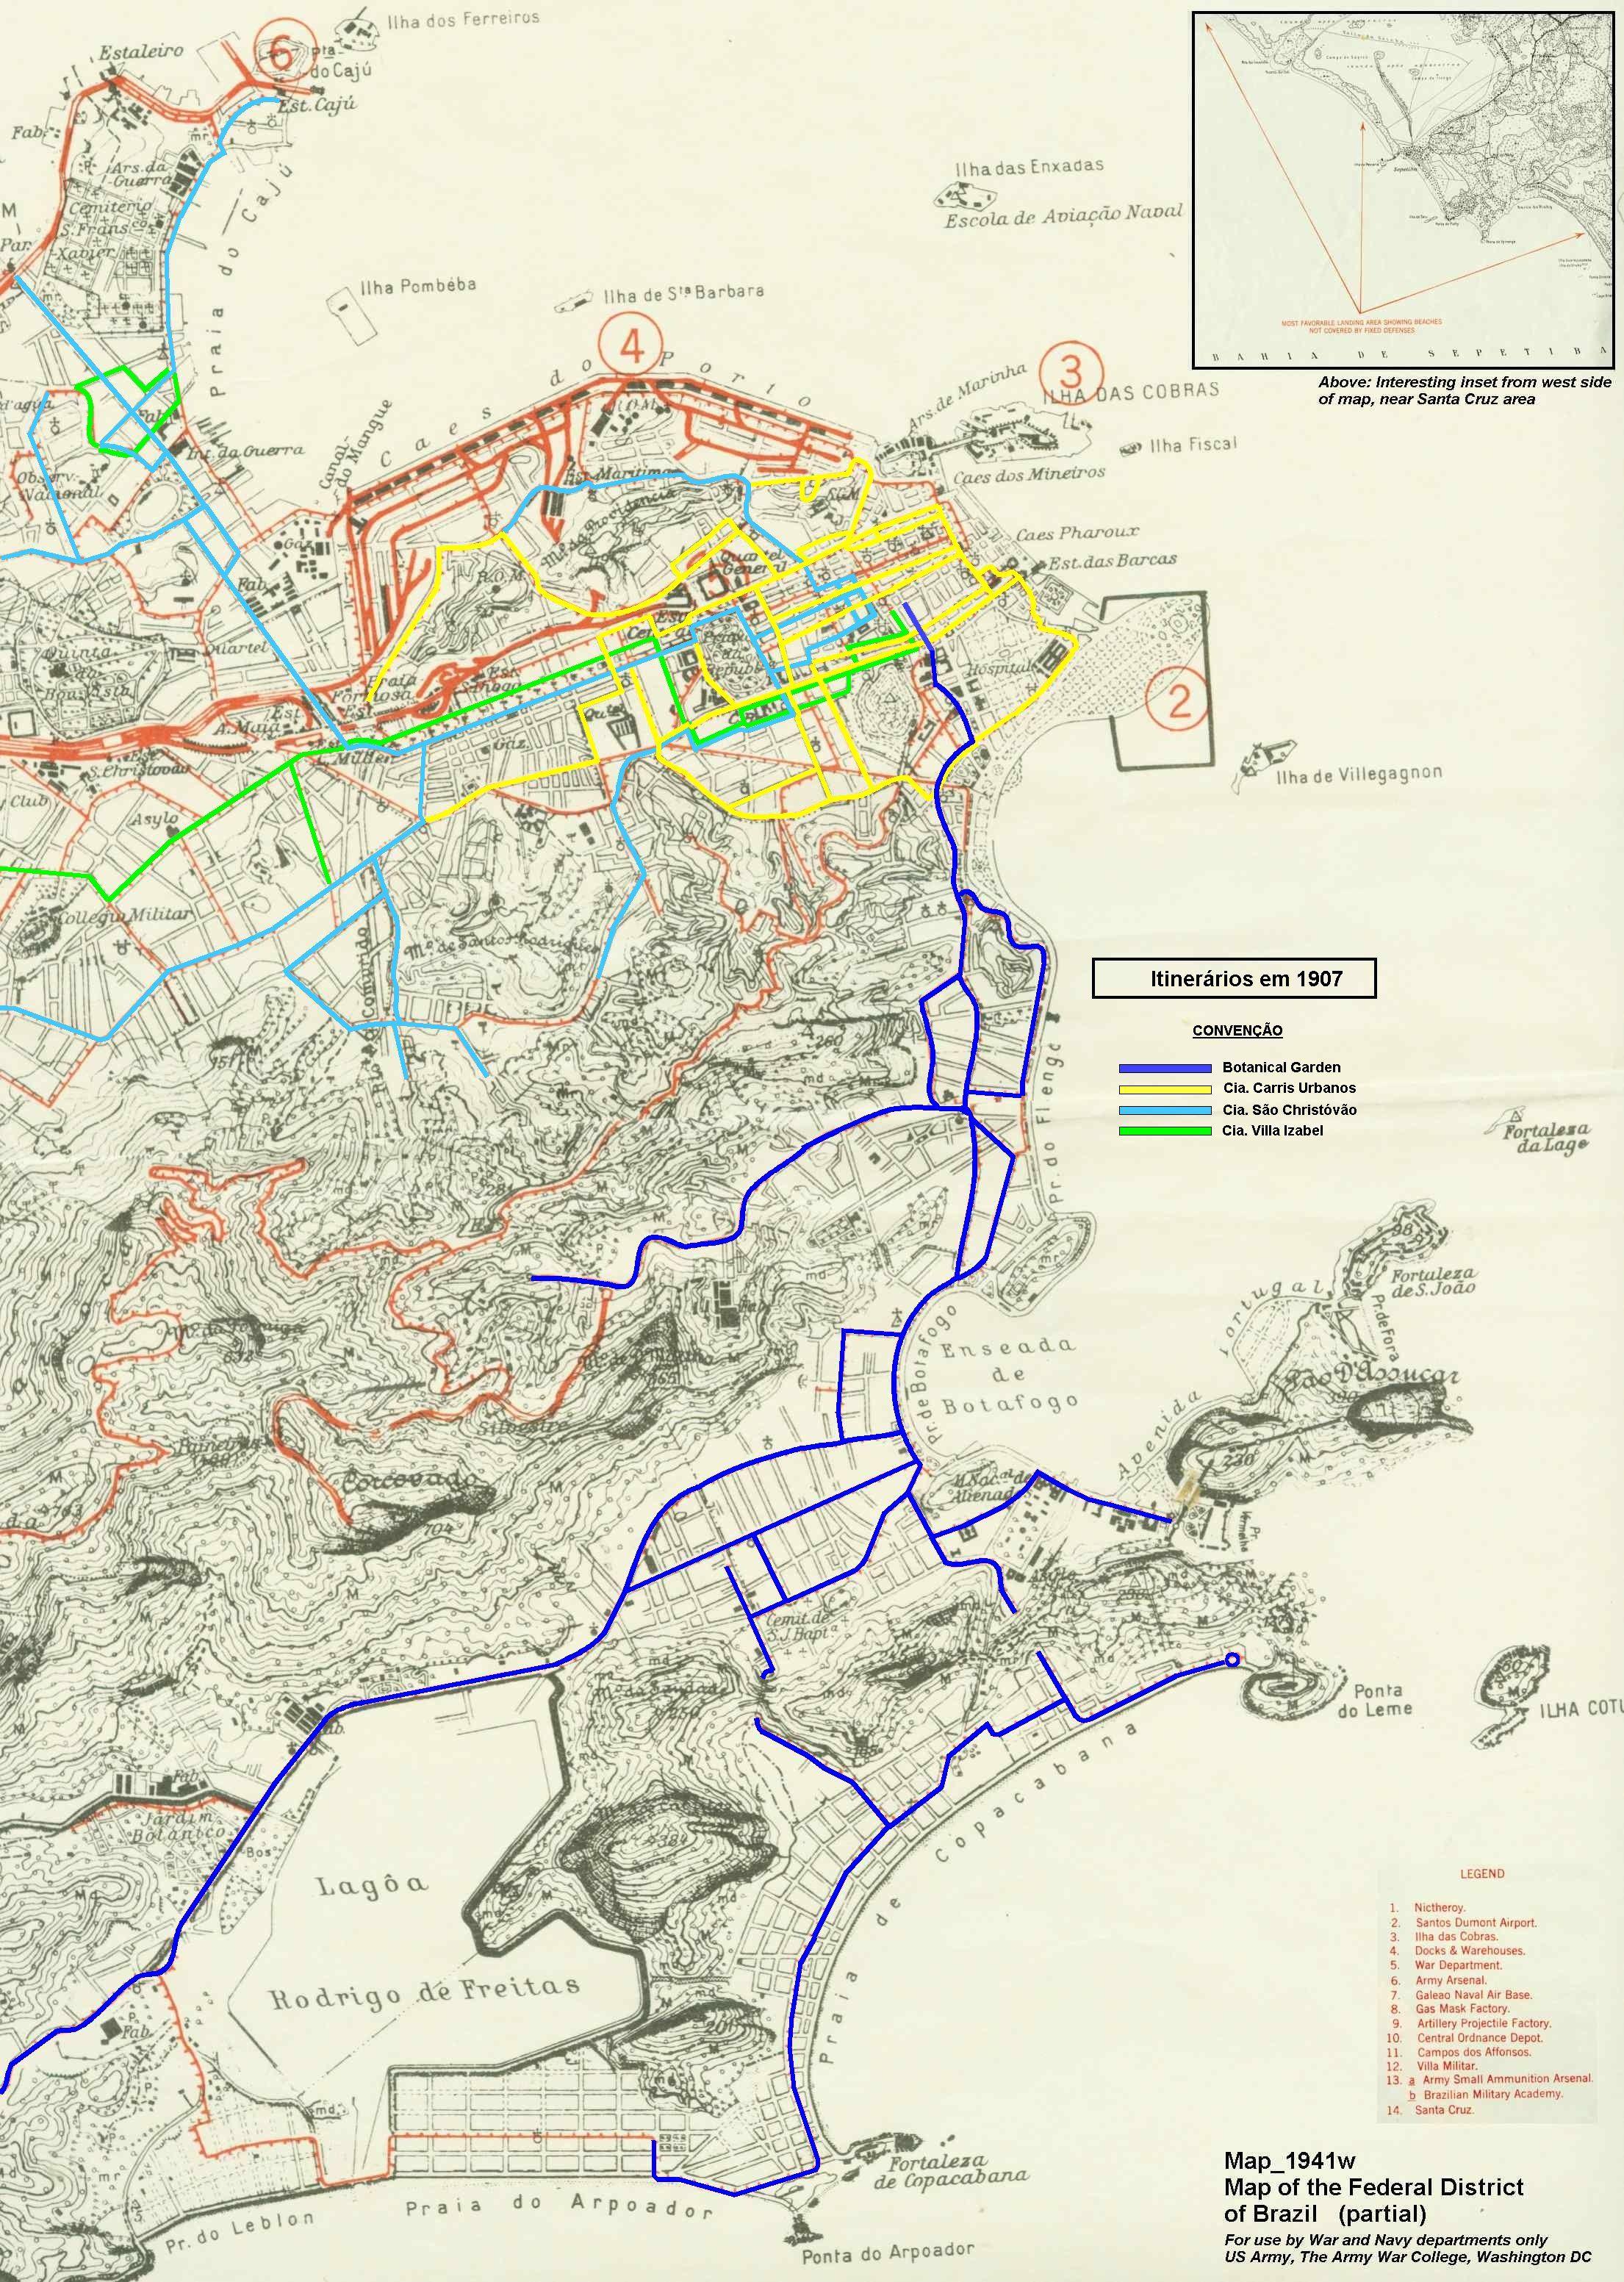 Mapa De Transporte Bonde Trilhos Rio De Janeiro Rio De Janeiro